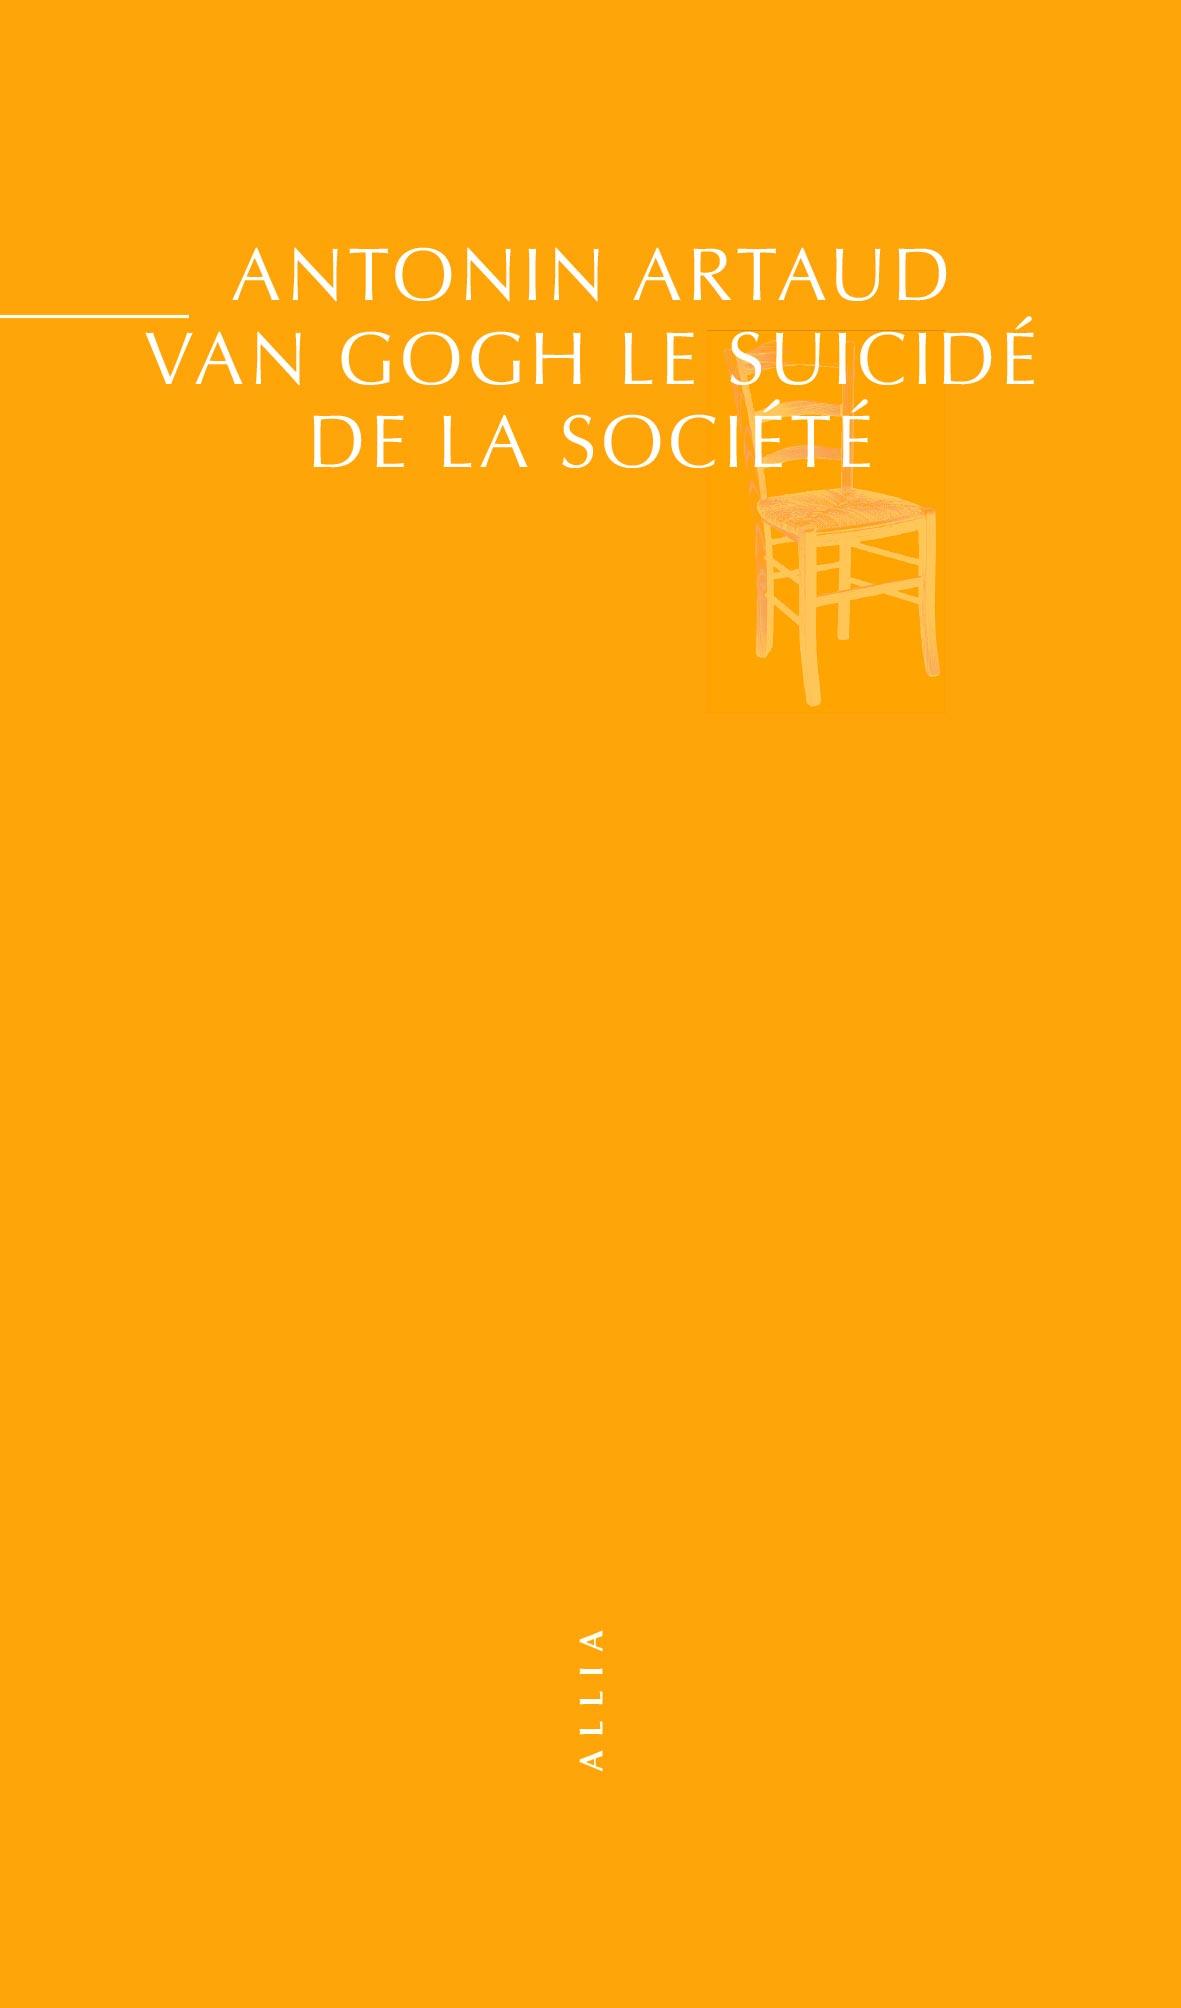 A. Artaud, Van Gogh le suicidé de la société